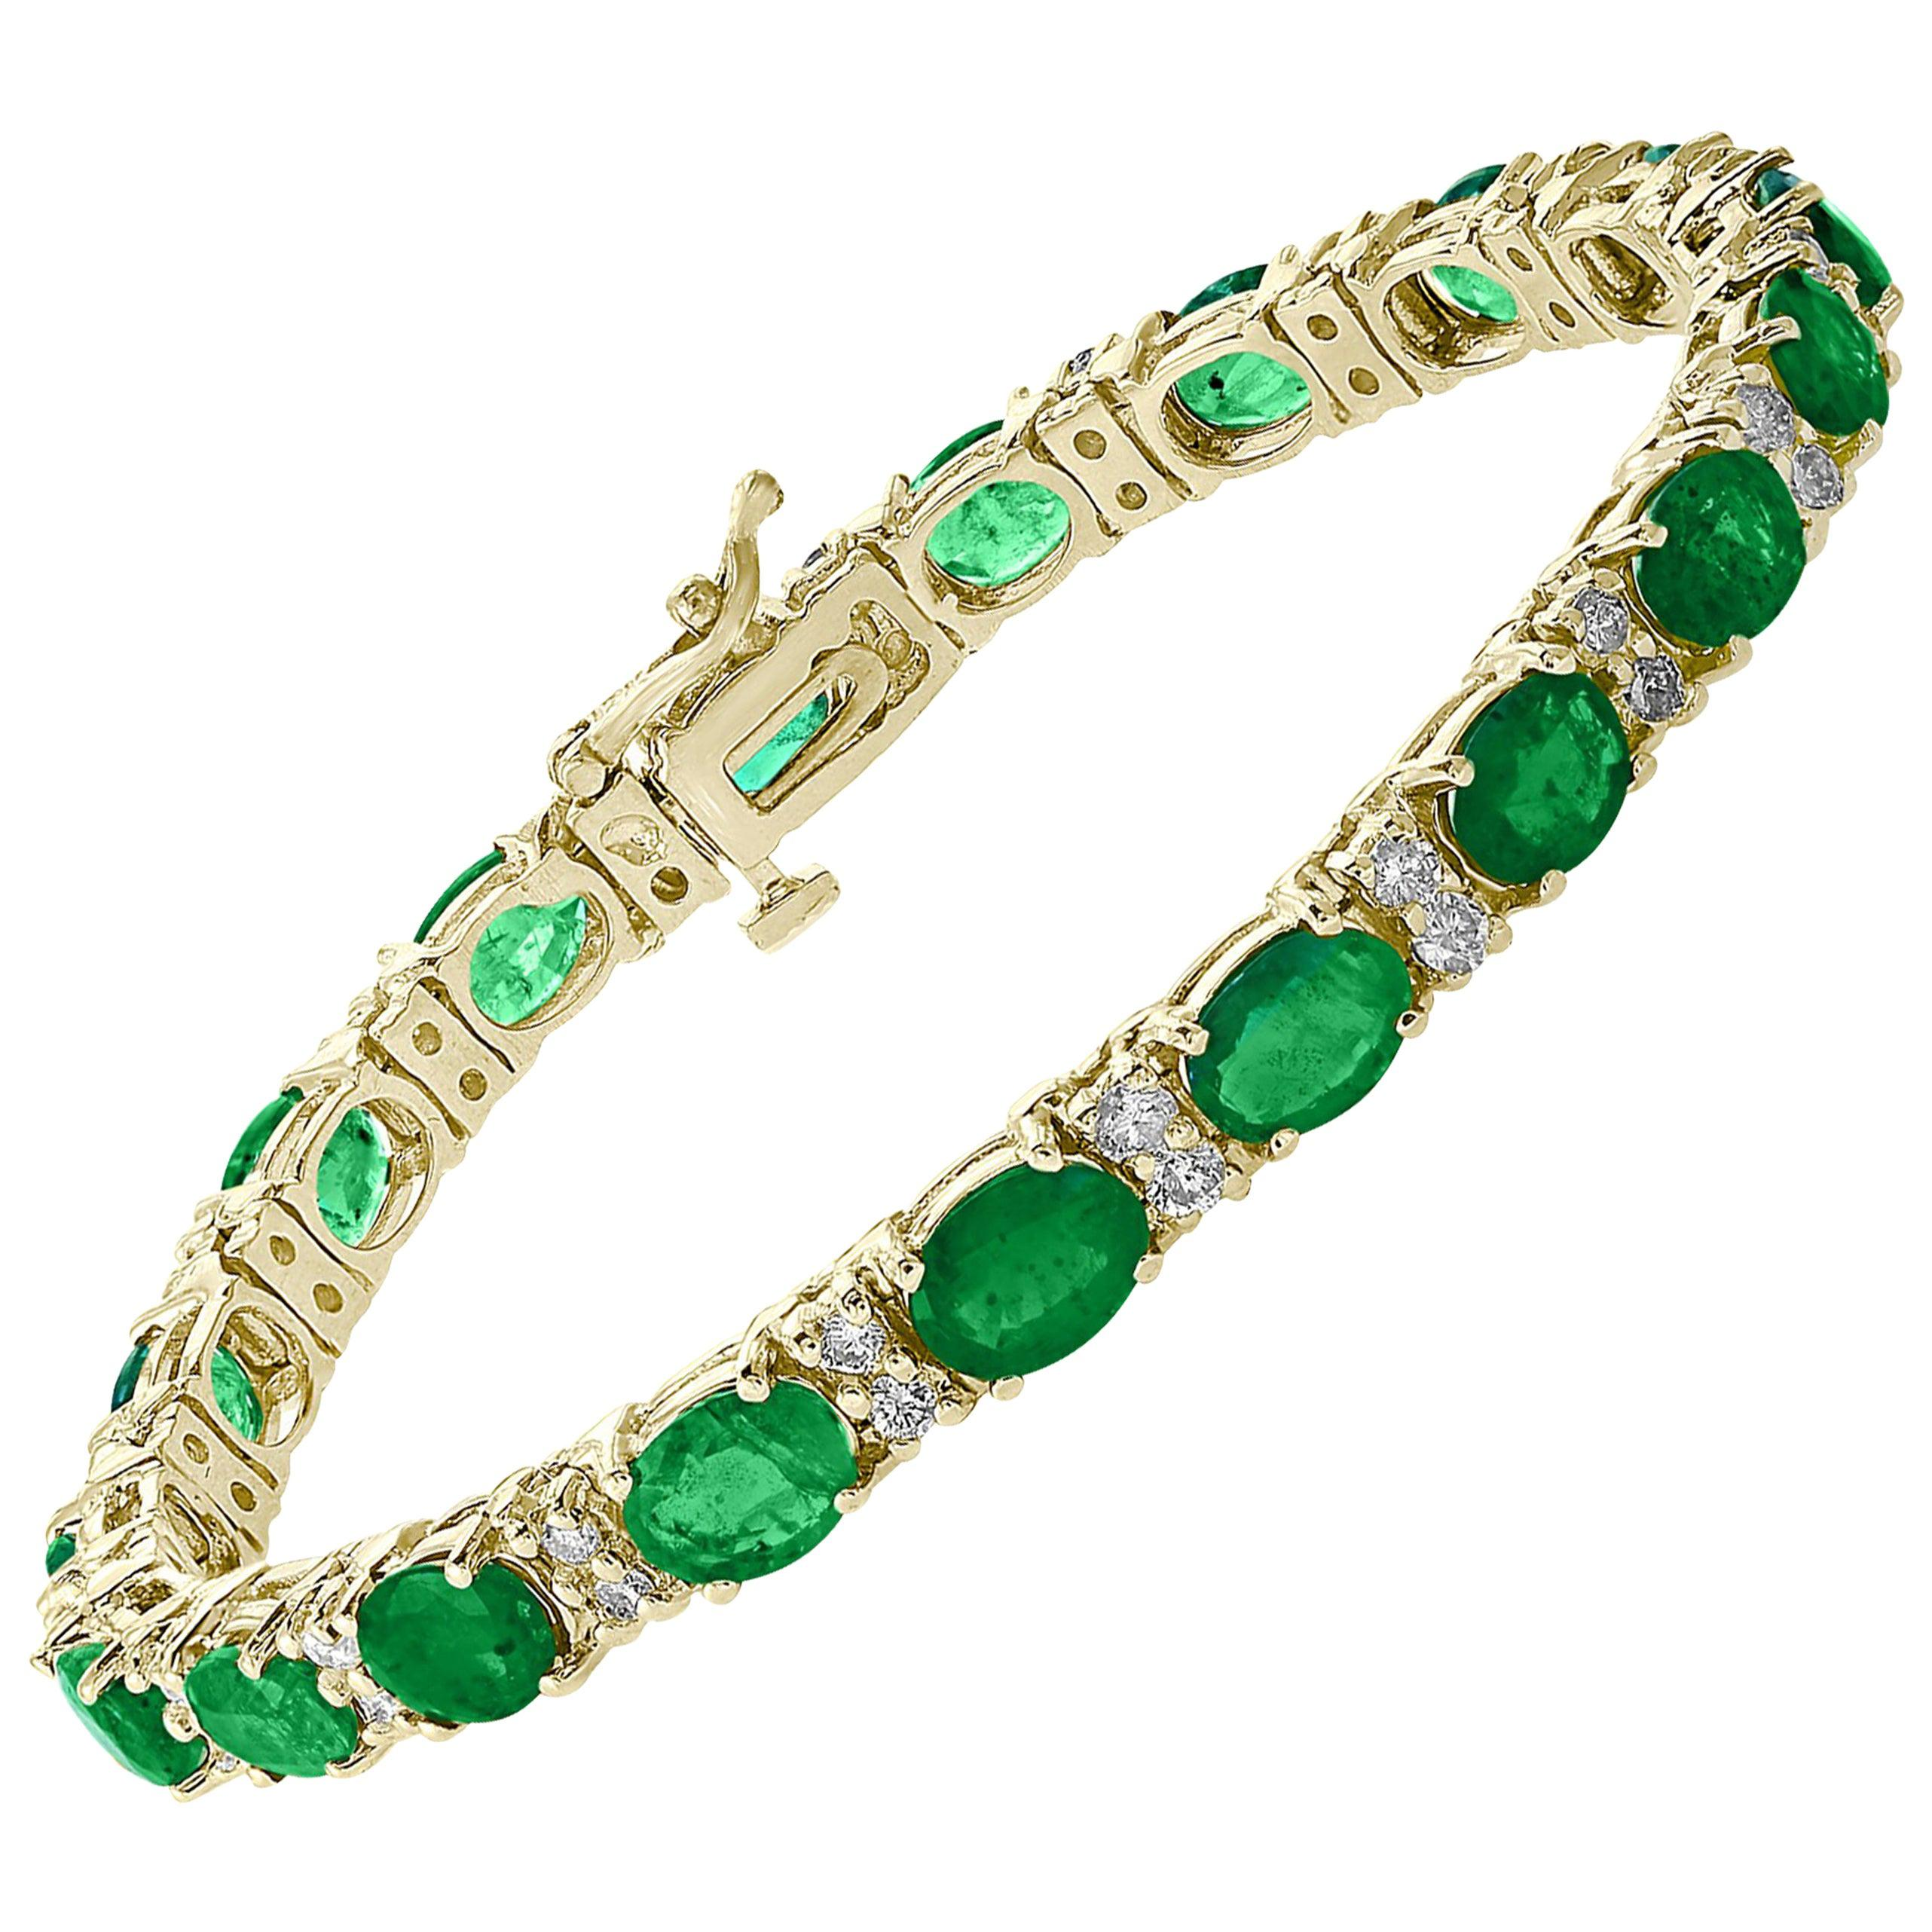 15 Carat Natural Emerald & Diamond Cocktail Tennis Bracelet 14 Karat Yellow Gold